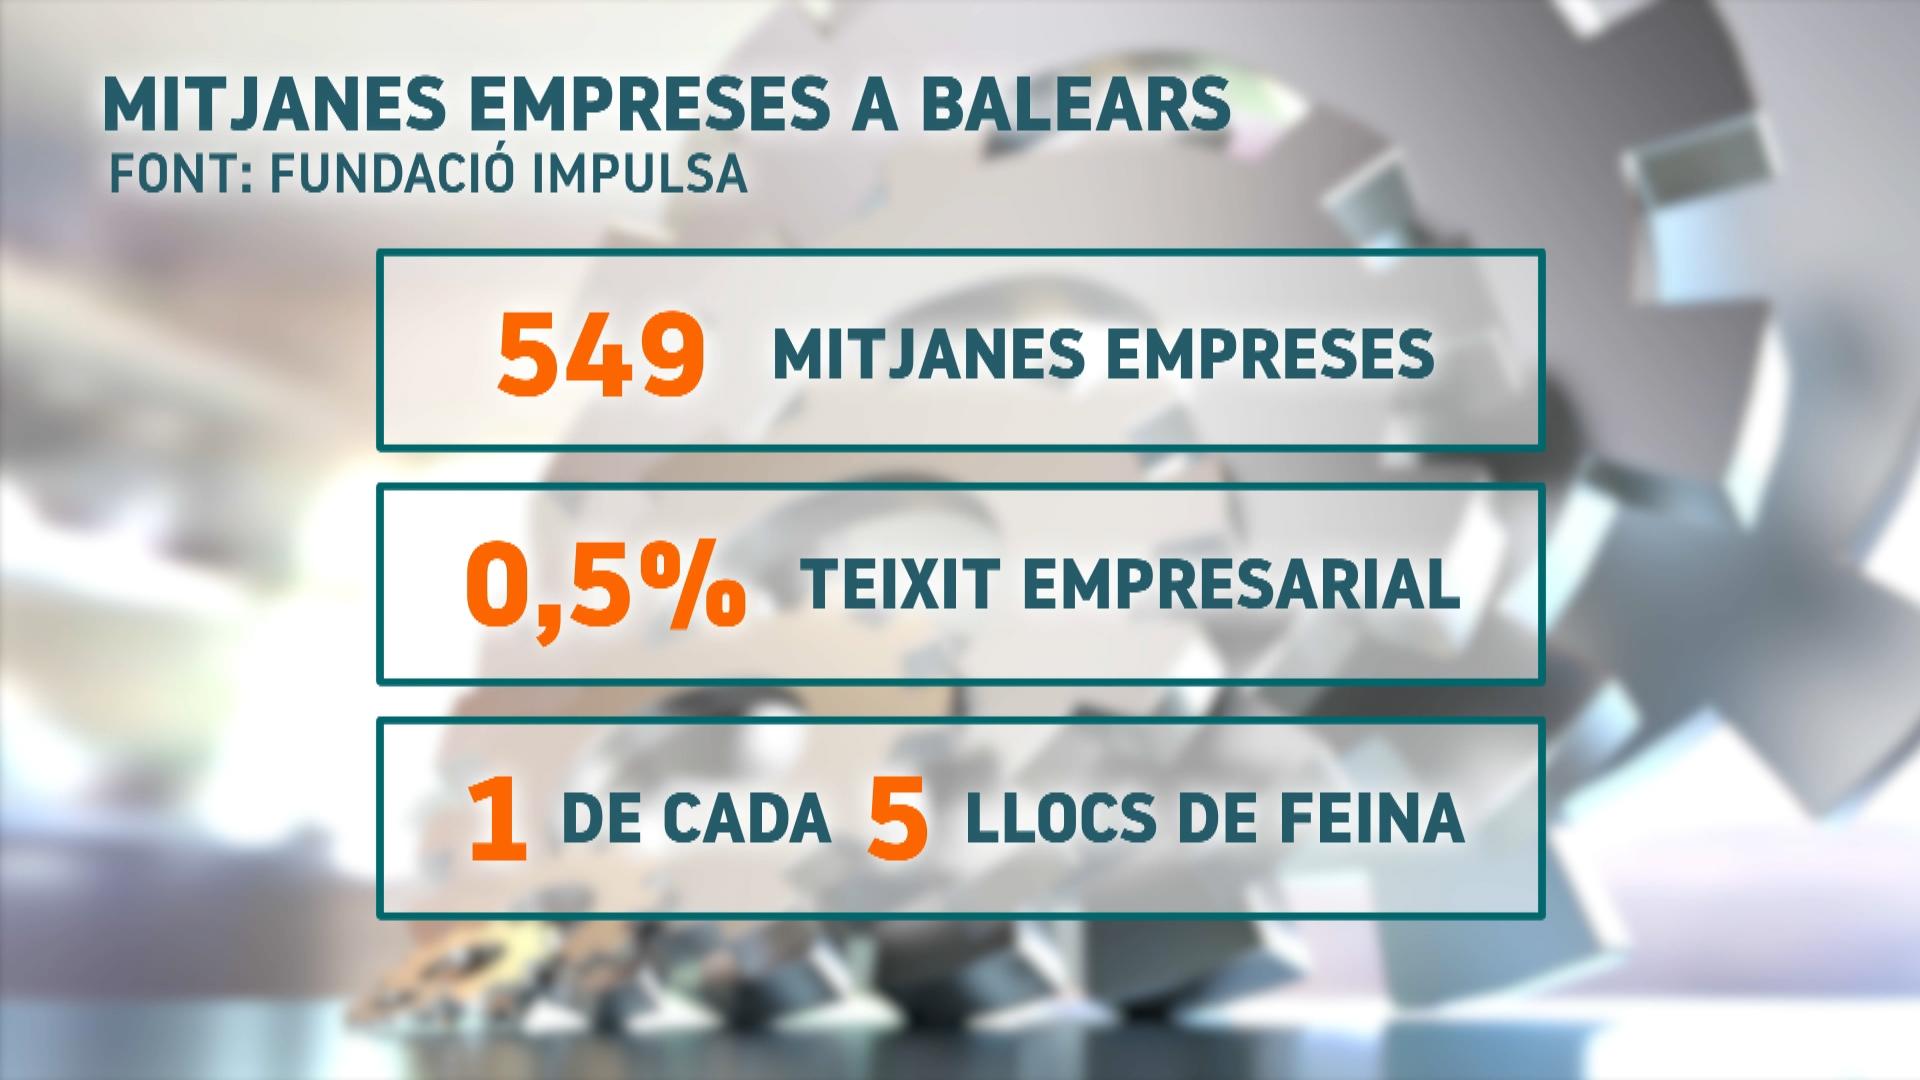 El+teixit+empresarial+de+Balears+soporta+b%C3%A9+la+crisi+econ%C3%B2mica+derivada+de+la+pand%C3%A8mia